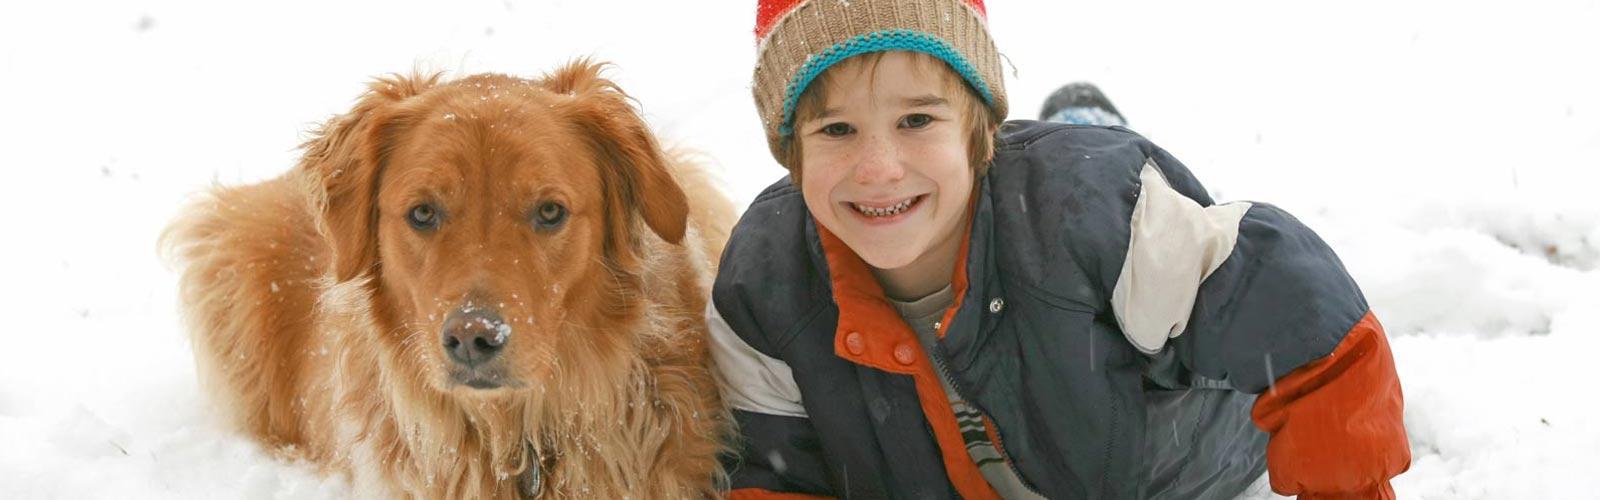 cane-e-bambino-sulla-neve